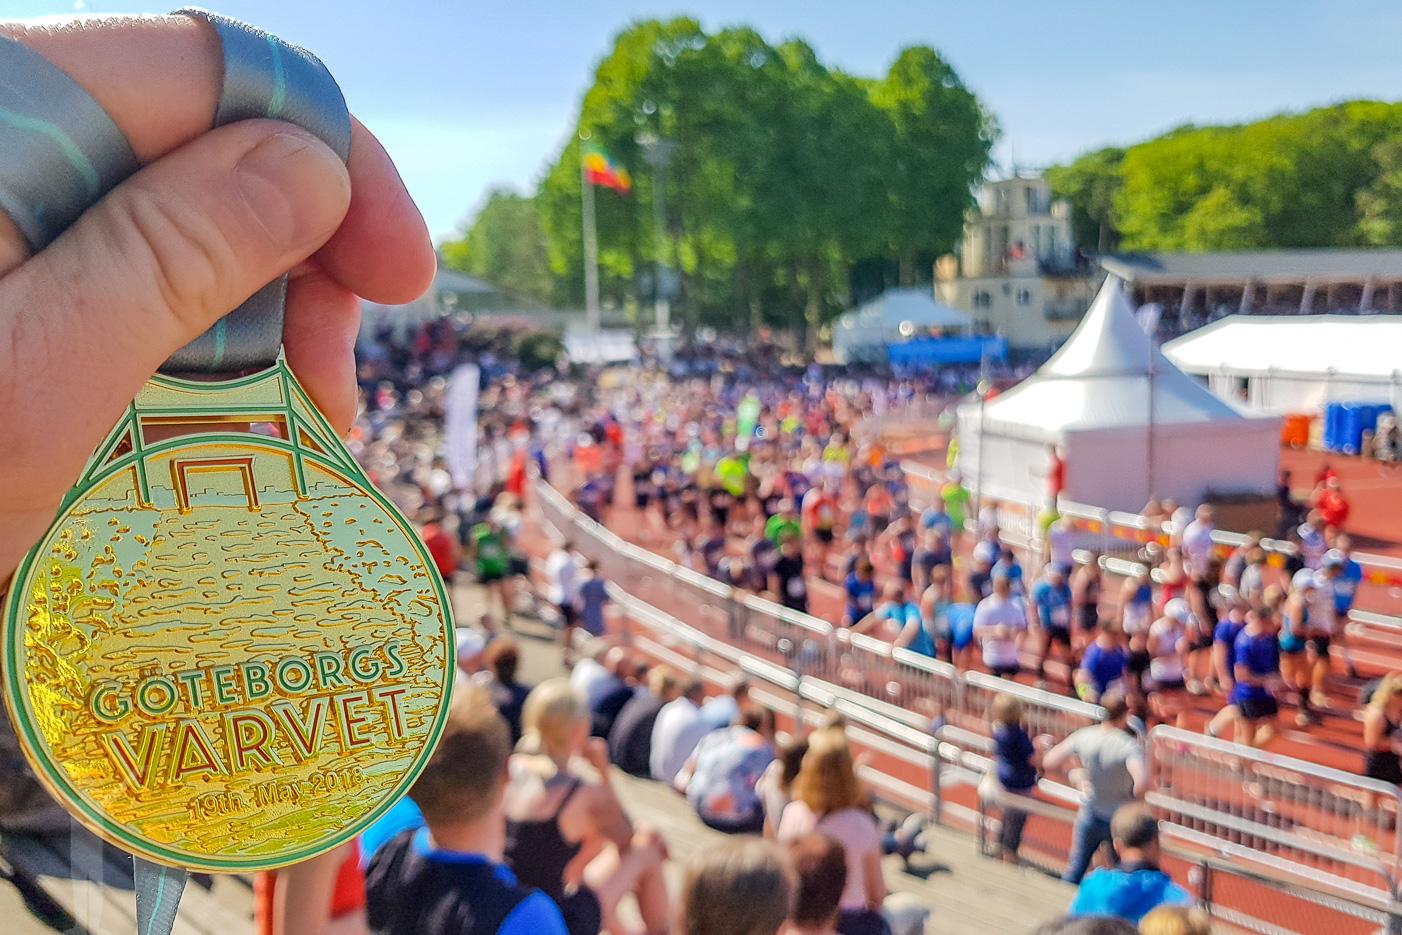 1.50.16. Medaljen uthämtad. Göteborgsvarvet avklarat.